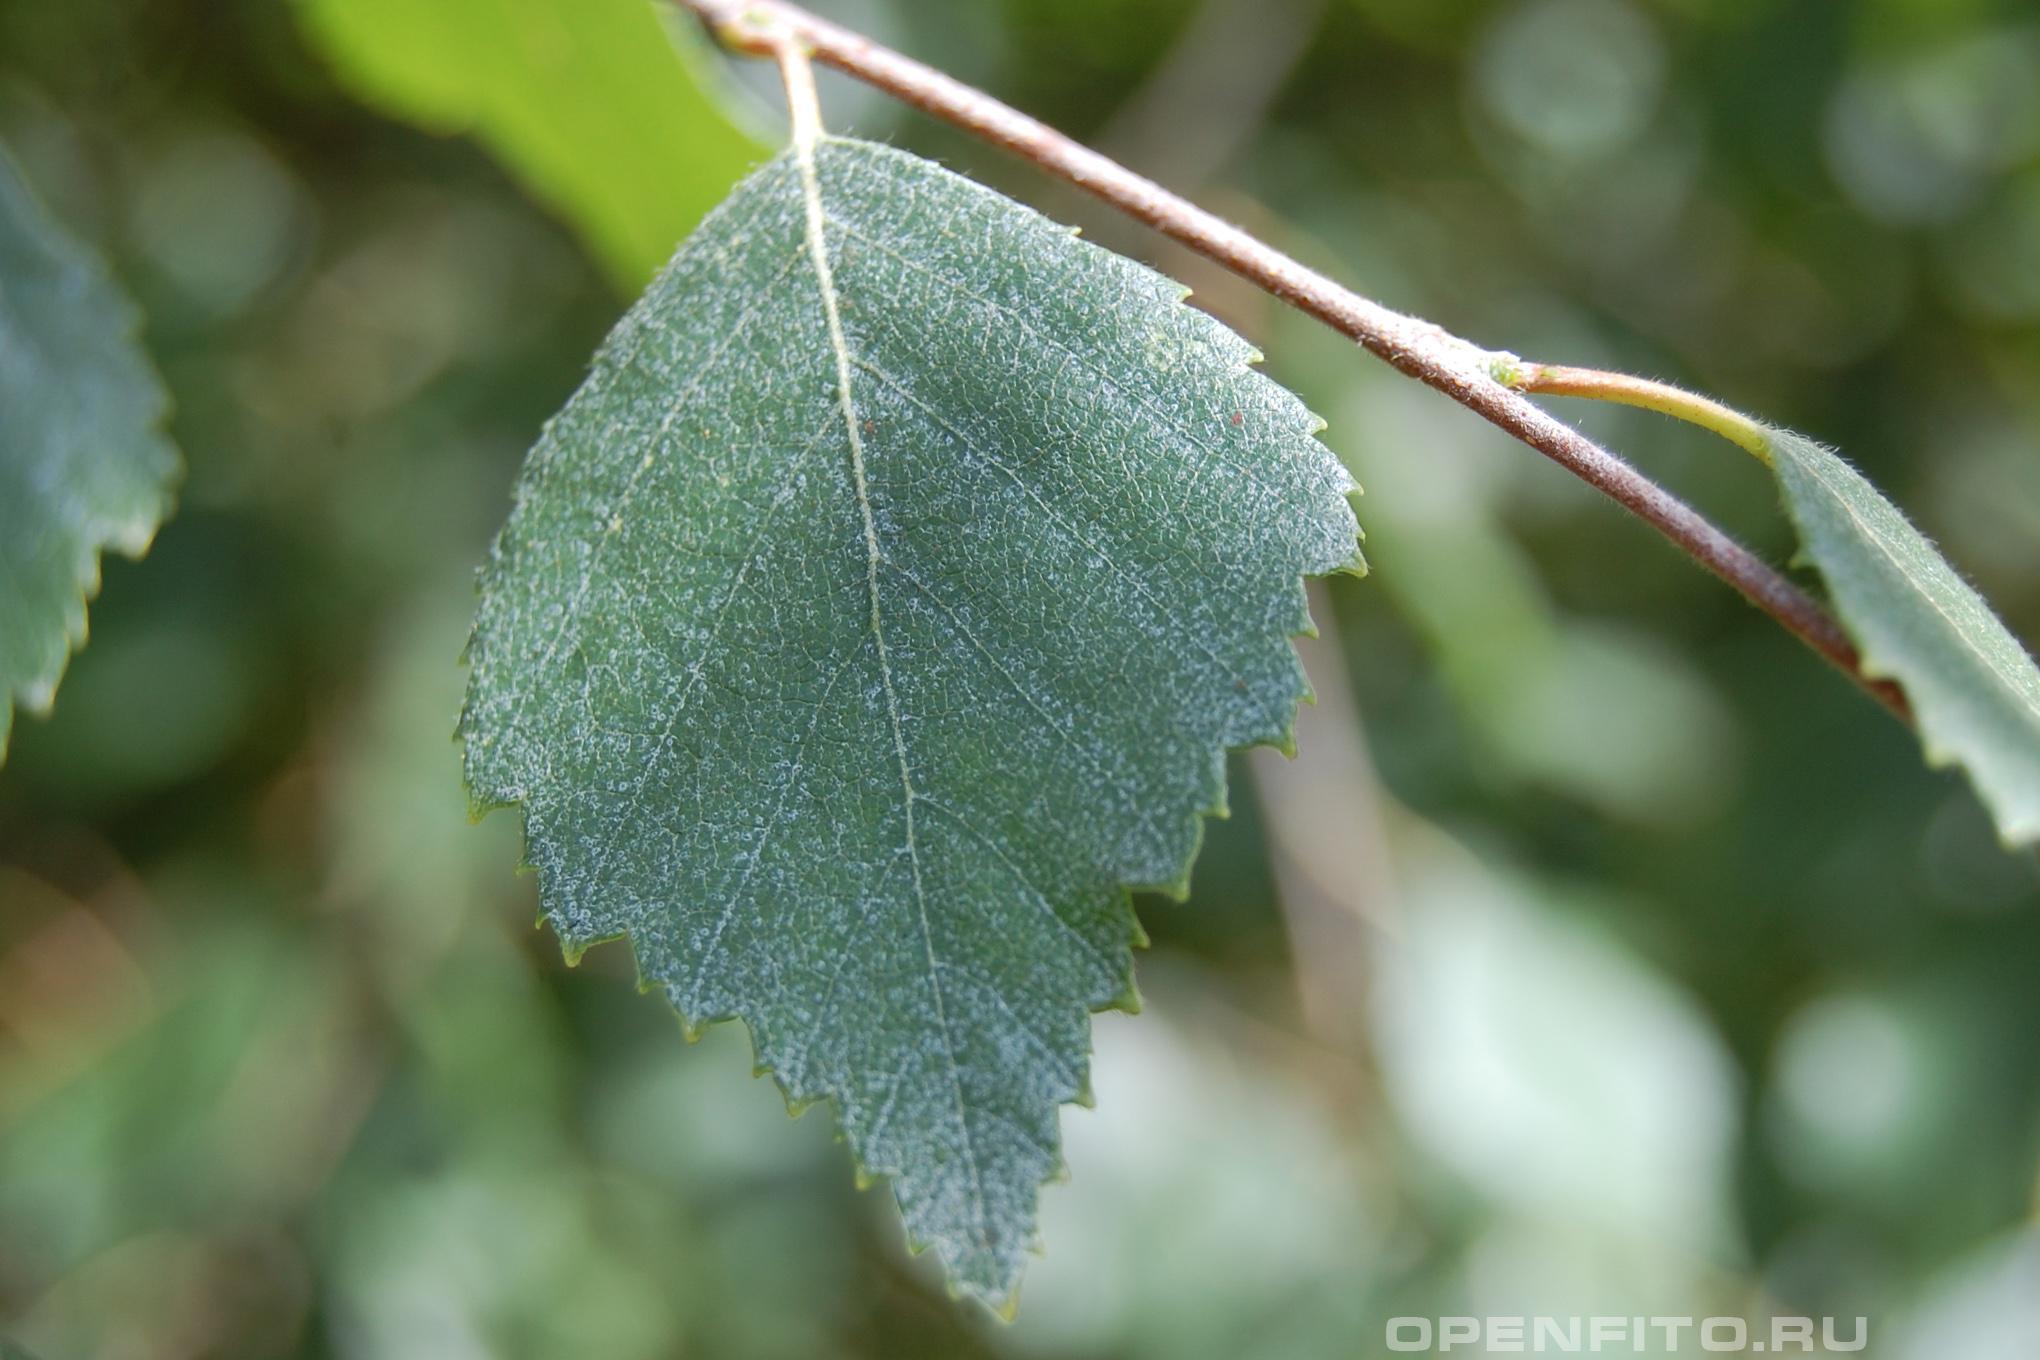 Береза пушистая взрослый лист, в России этот вид так же называют береза белая